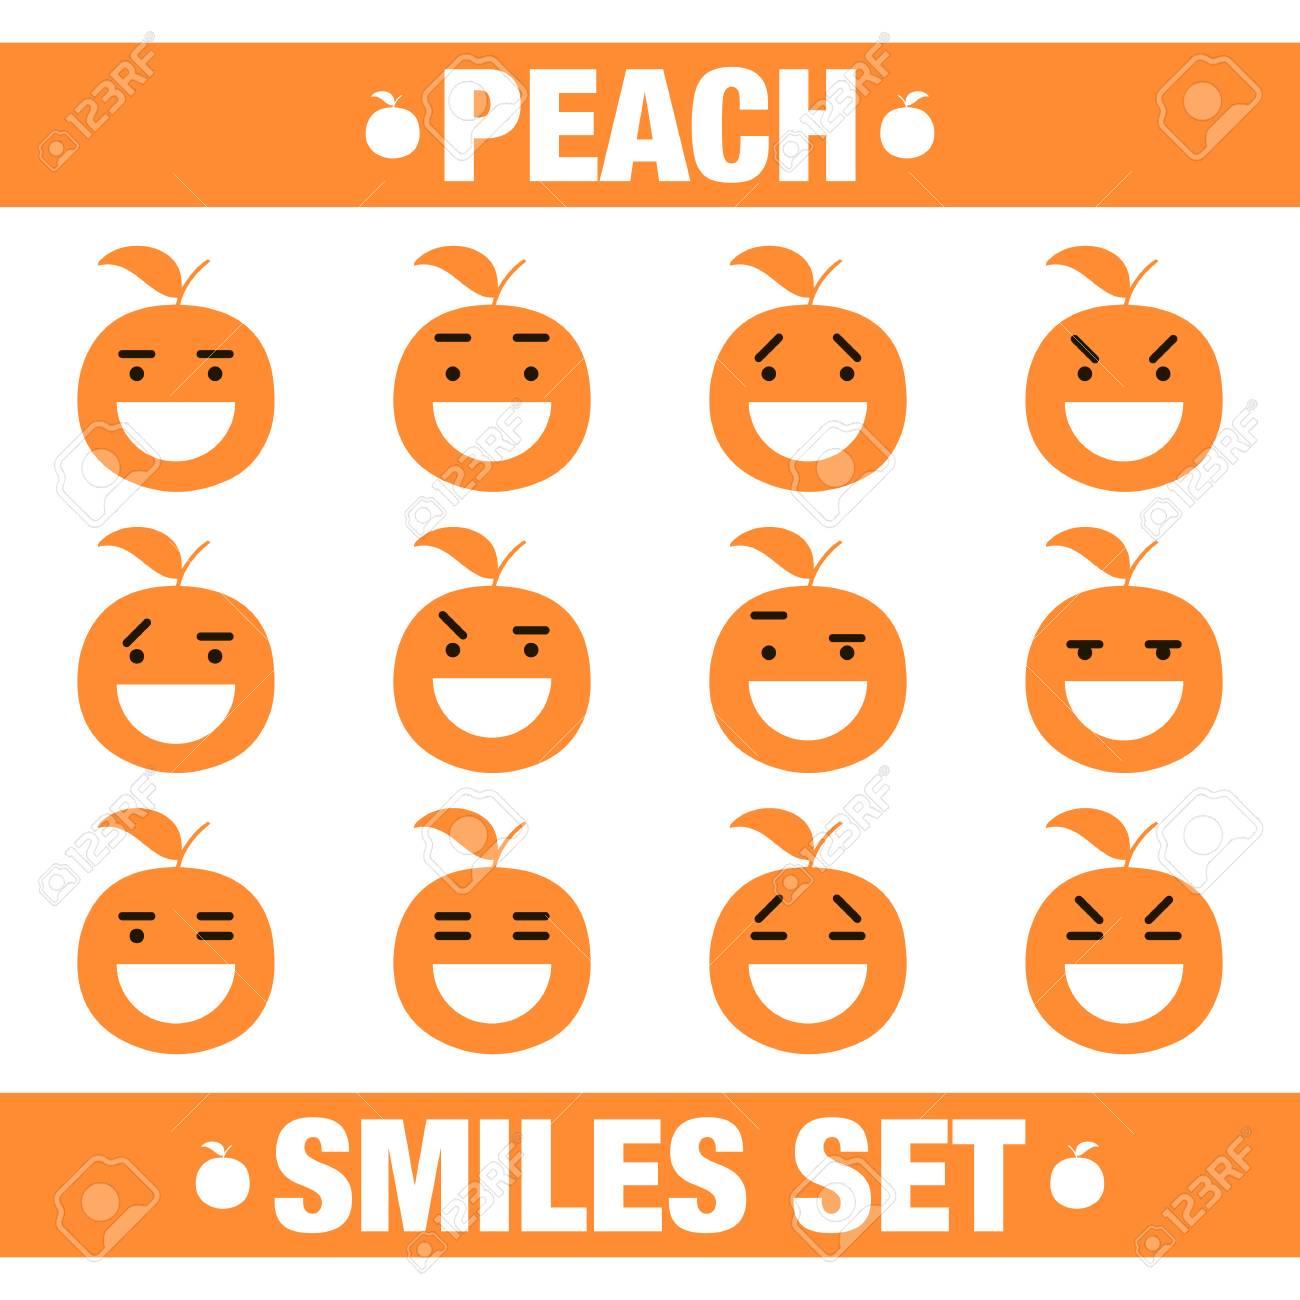 ベクトル イラスト白背景に面白い桃フラット文字笑顔セットを かわいいフラット桃笑顔文字セットのイラスト素材 ベクタ Image